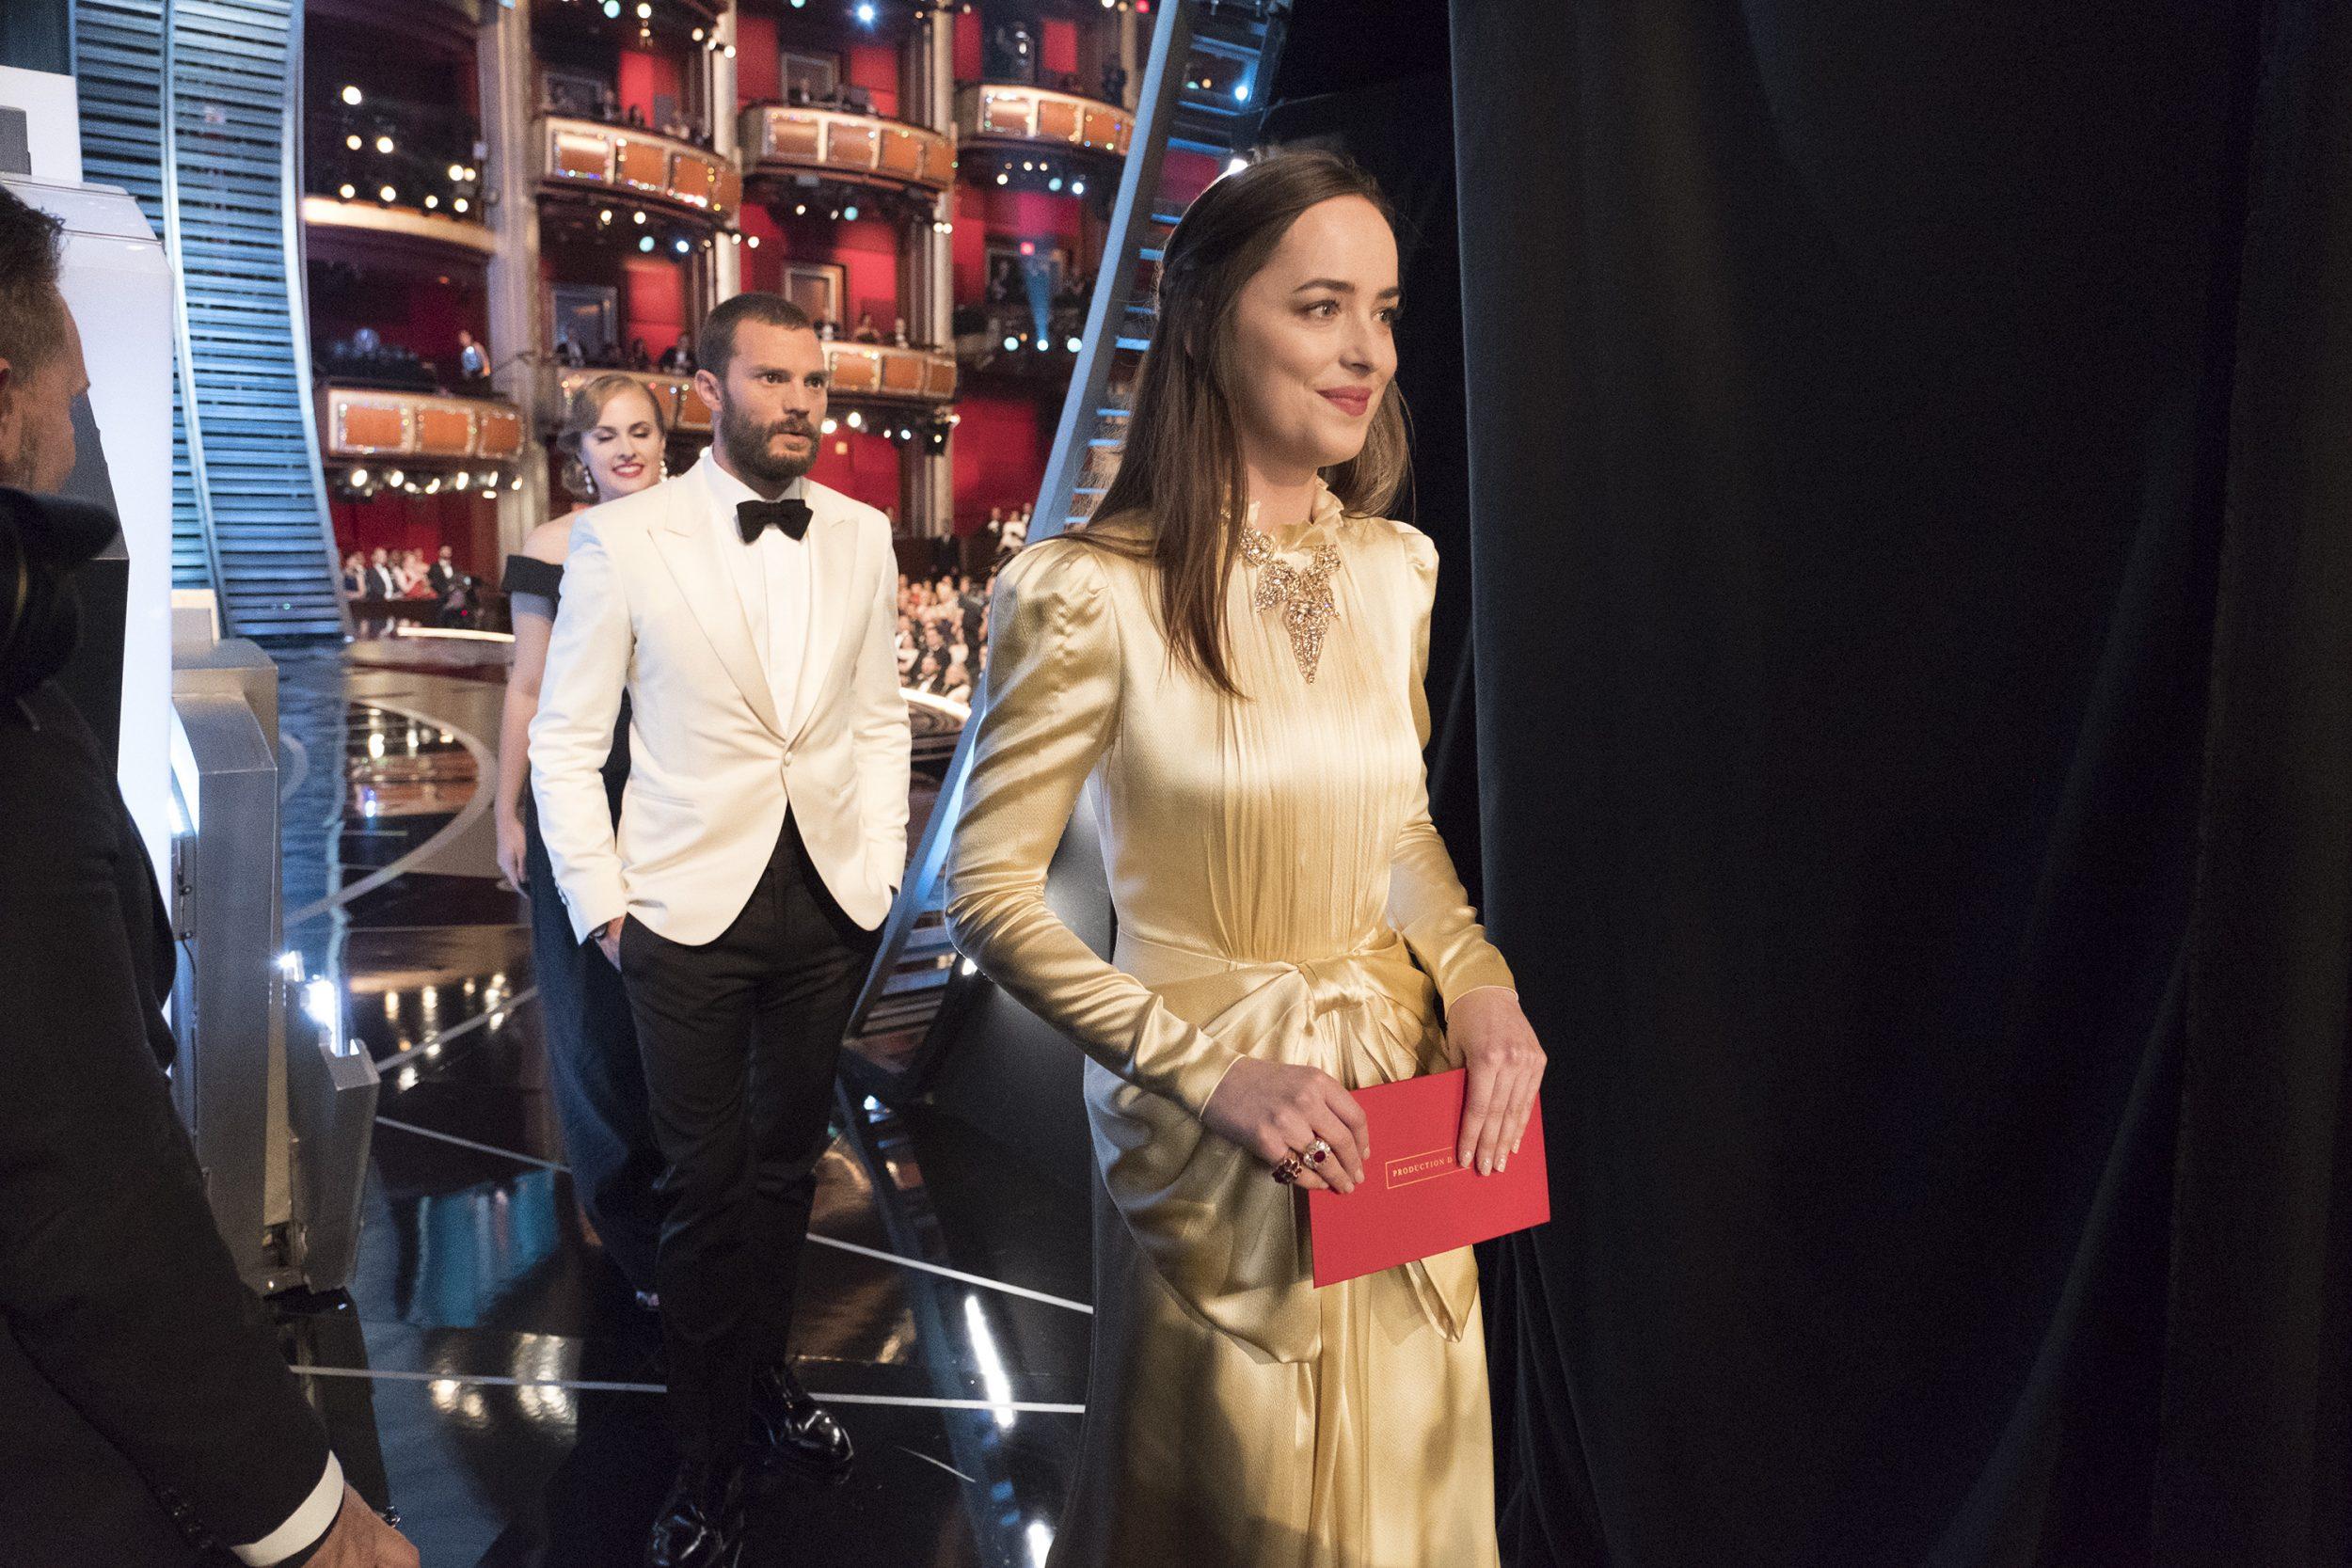 THE OSCARS(r) - The 89th Oscars(r)  broadcasts live on Oscar(r) SUNDAY, FEBRUARY 26, 2017, on the ABC Television Network. (ABC/Adam Rose) JAMIE DORNAN, DAKOTA JOHNSON